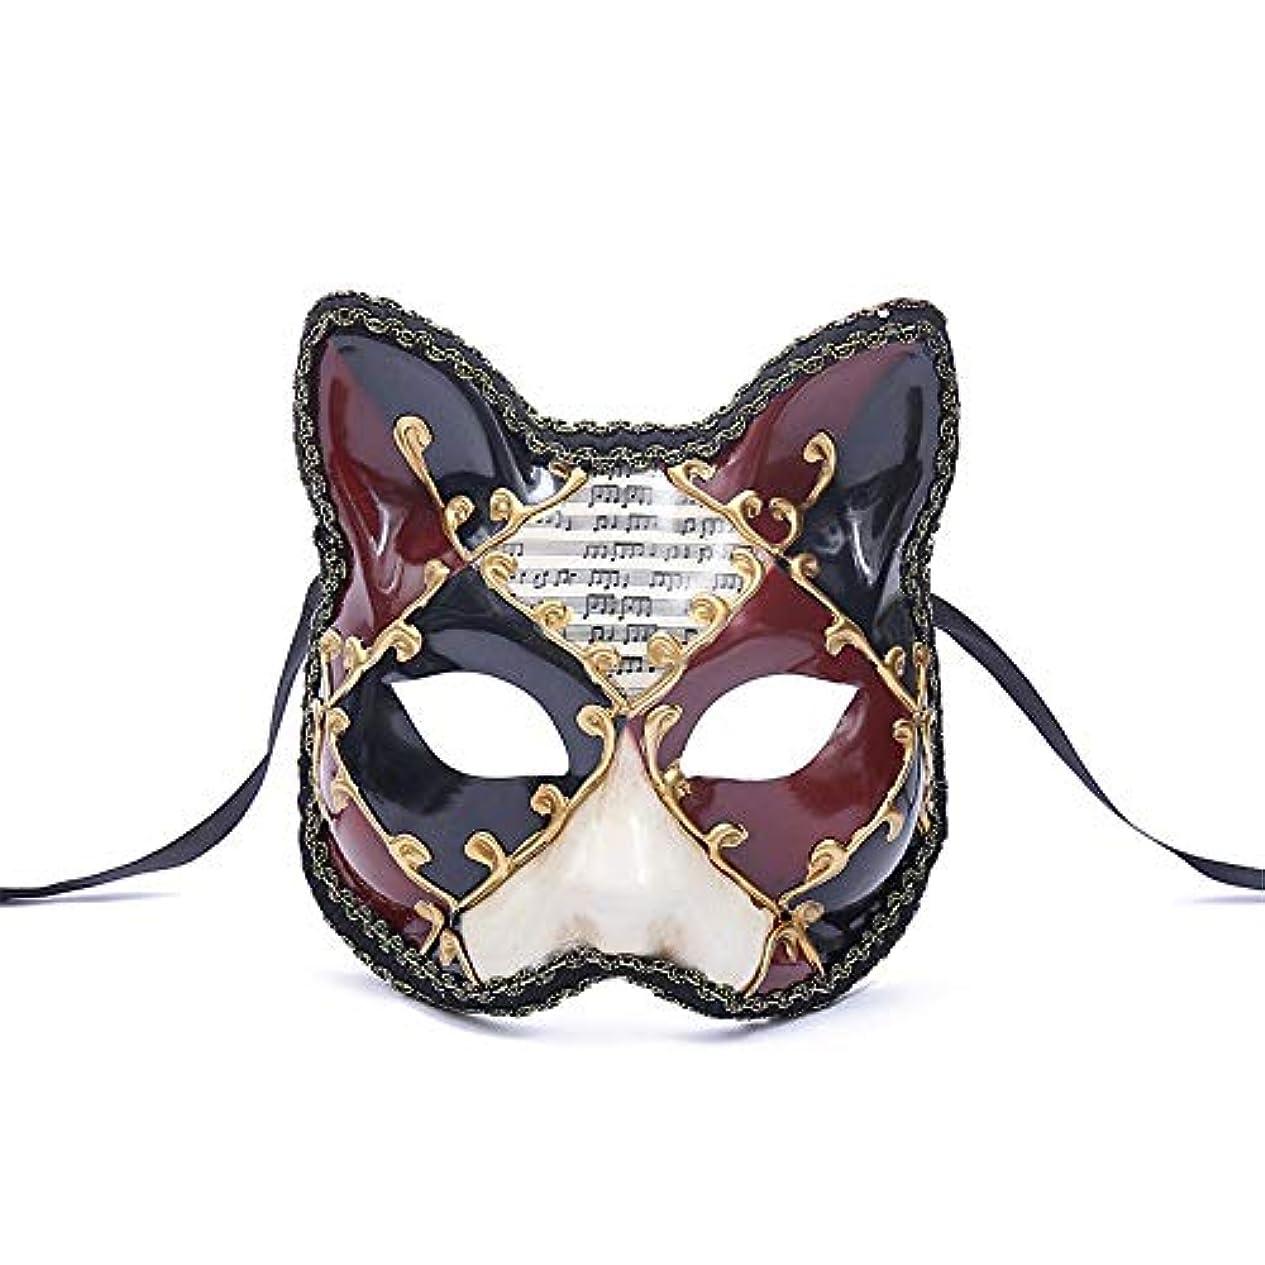 適応じゃないぶどうダンスマスク 大きな猫アンティーク動物レトロコスプレハロウィーン仮装マスクナイトクラブマスク雰囲気フェスティバルマスク ホリデーパーティー用品 (色 : 赤, サイズ : 17.5x16cm)